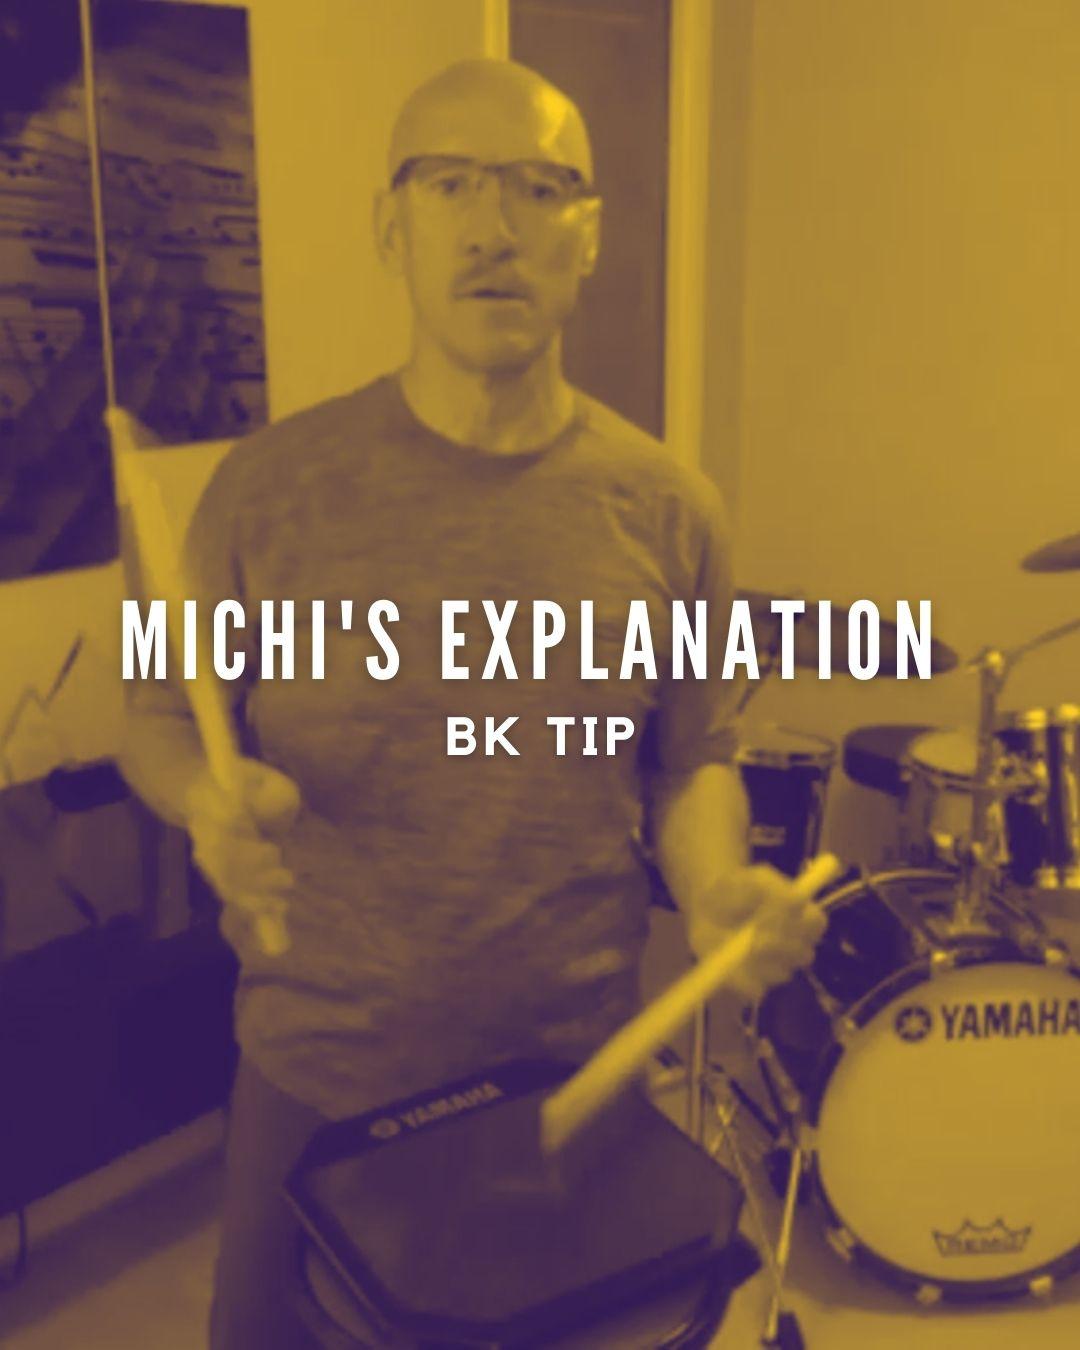 Michi's Explanation